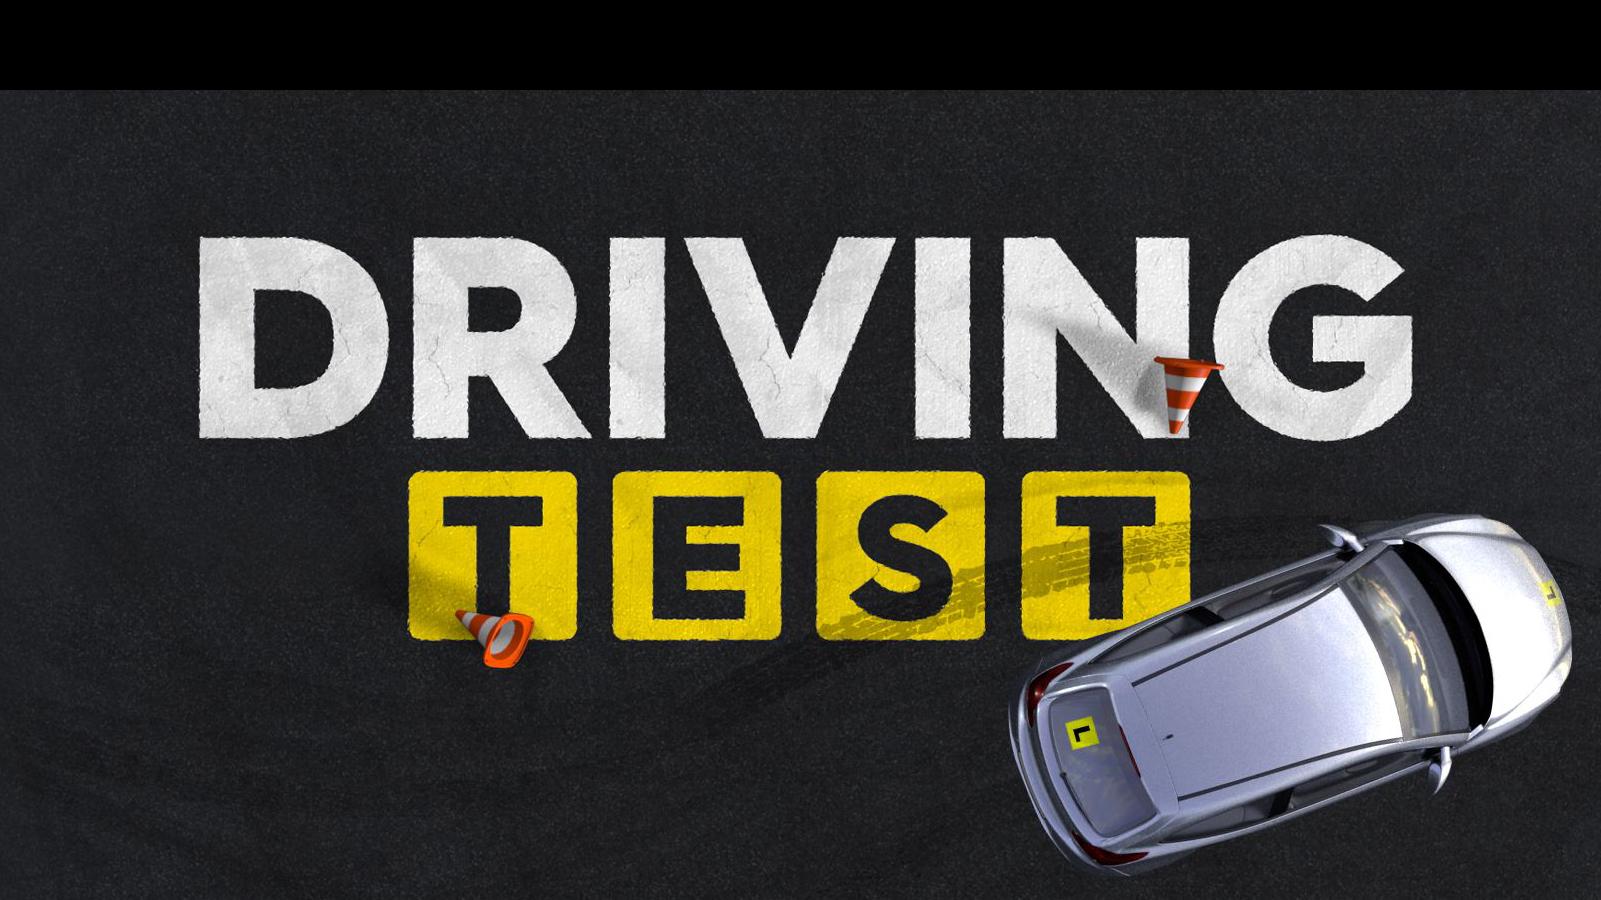 Những điều cần biết khi học lái xe ở Úc – Chi phí, cách thức, thời gian và những lưu ý